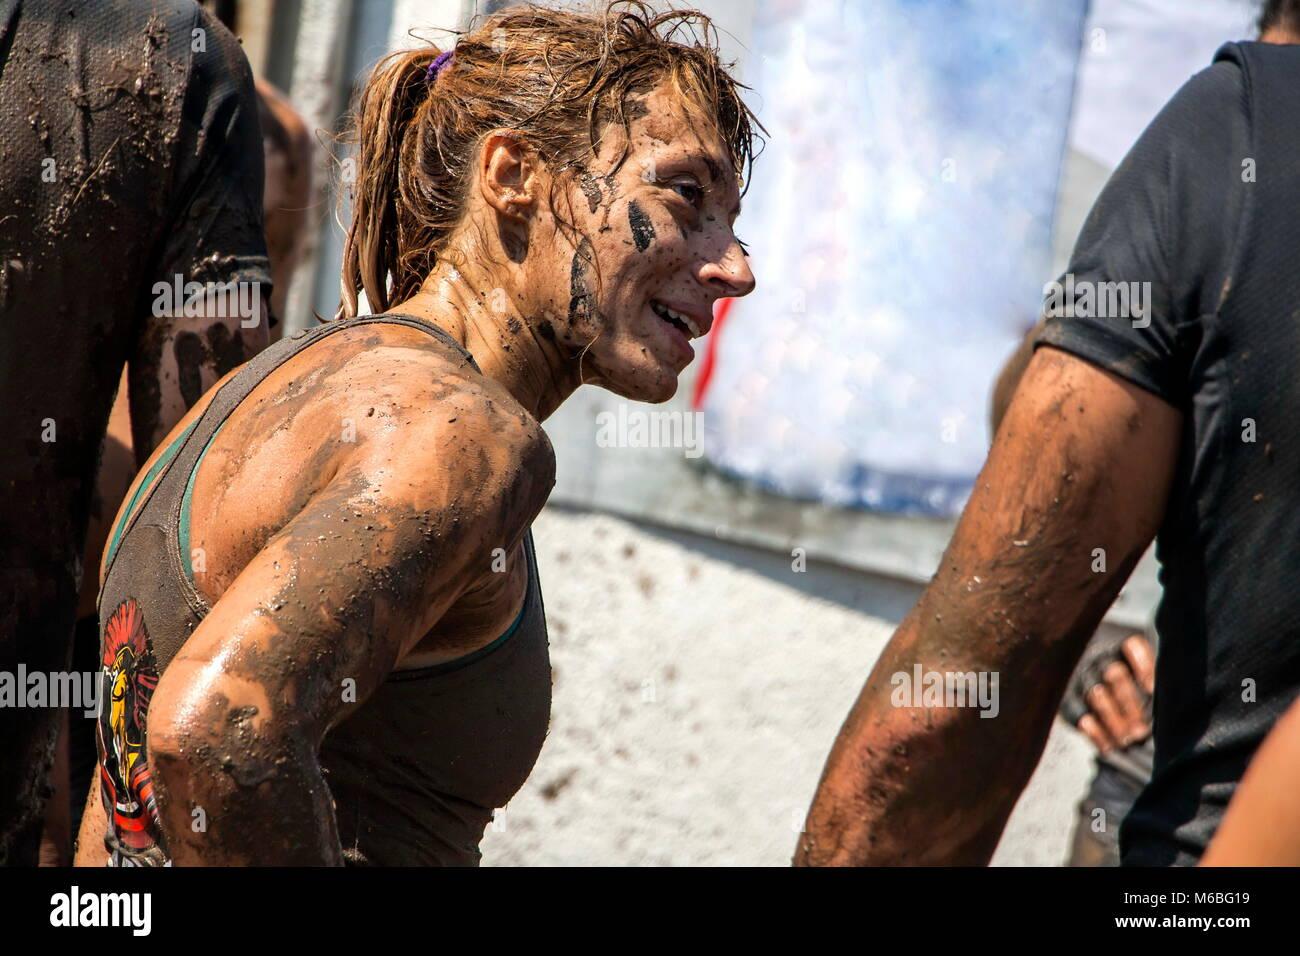 Mujer joven está sonriendo después de superar el último desafío en un abierto desafío deportivo; Imagen De Stock